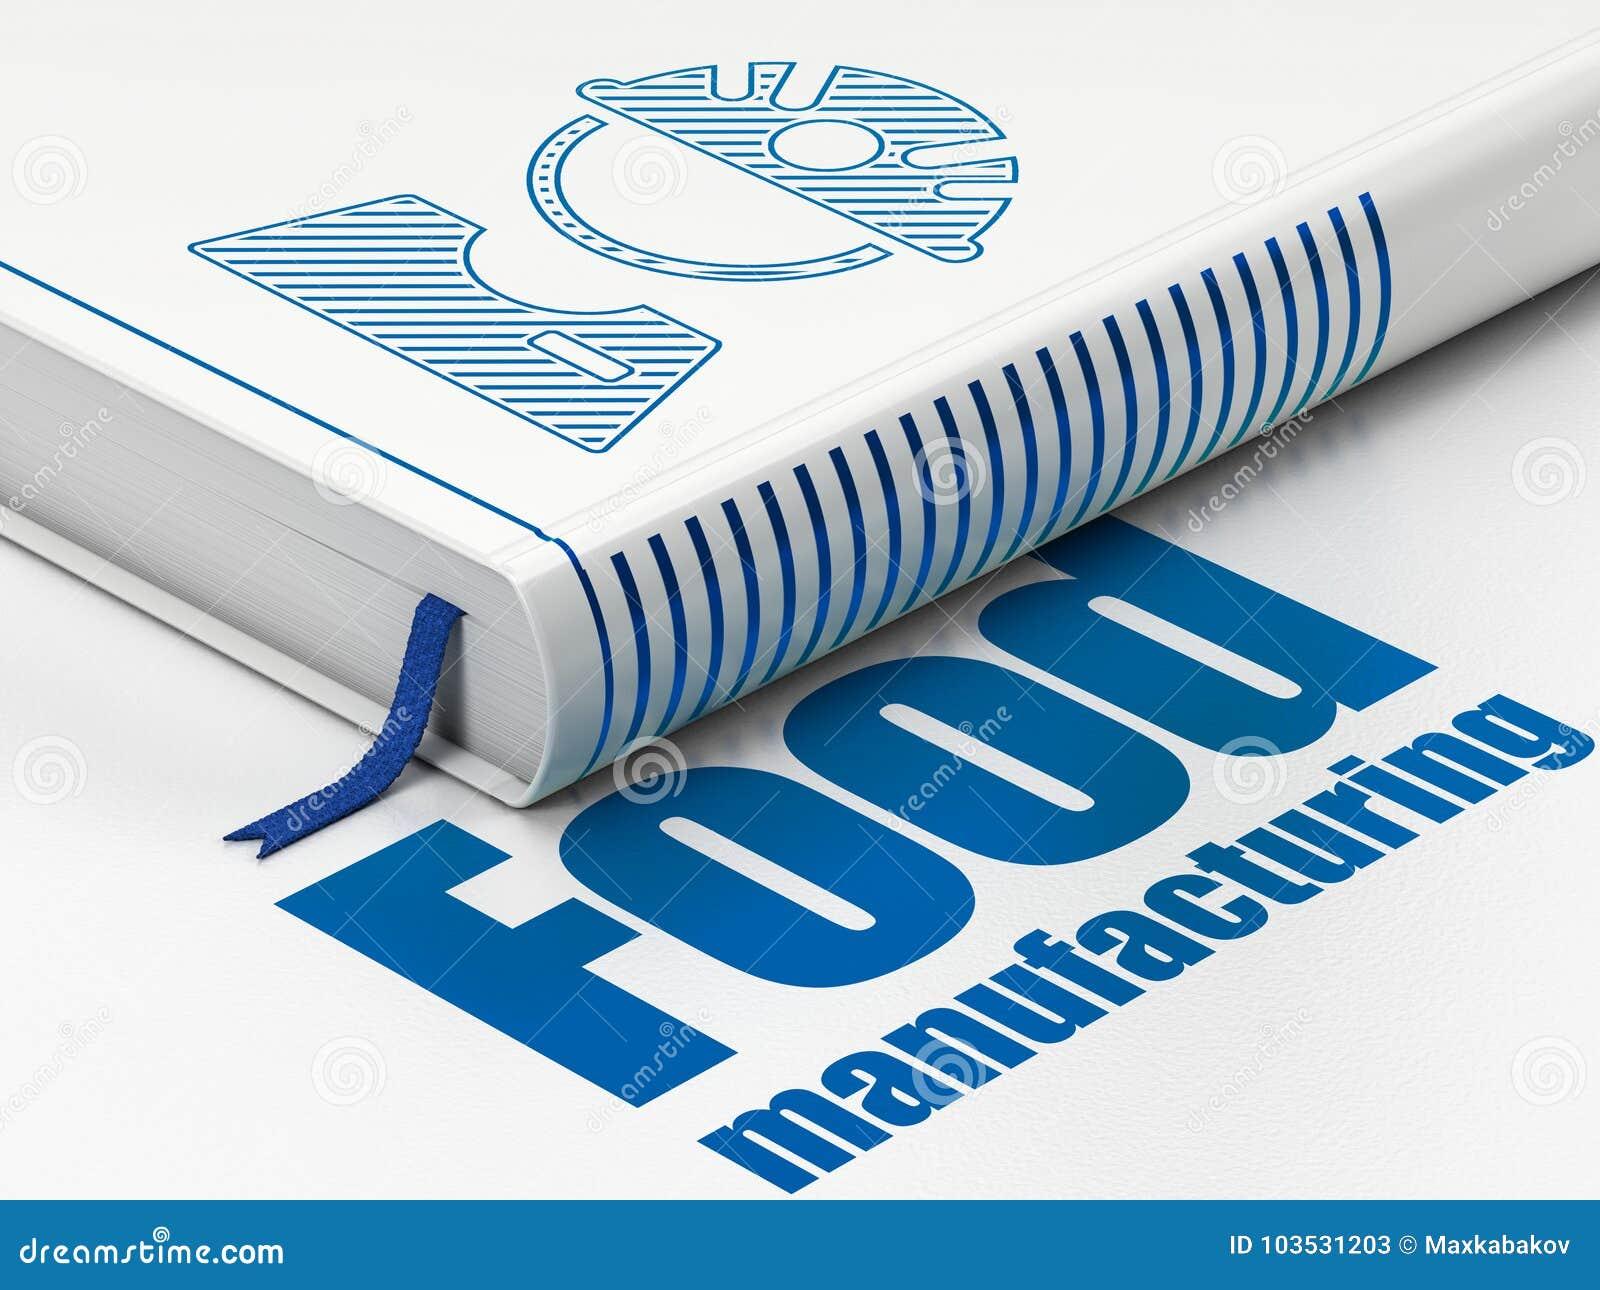 Έννοια βιομηχανίας: βιομηχανικός εργάτης βιβλίων, κατασκευή τροφίμων για το άσπρο υπόβαθρο